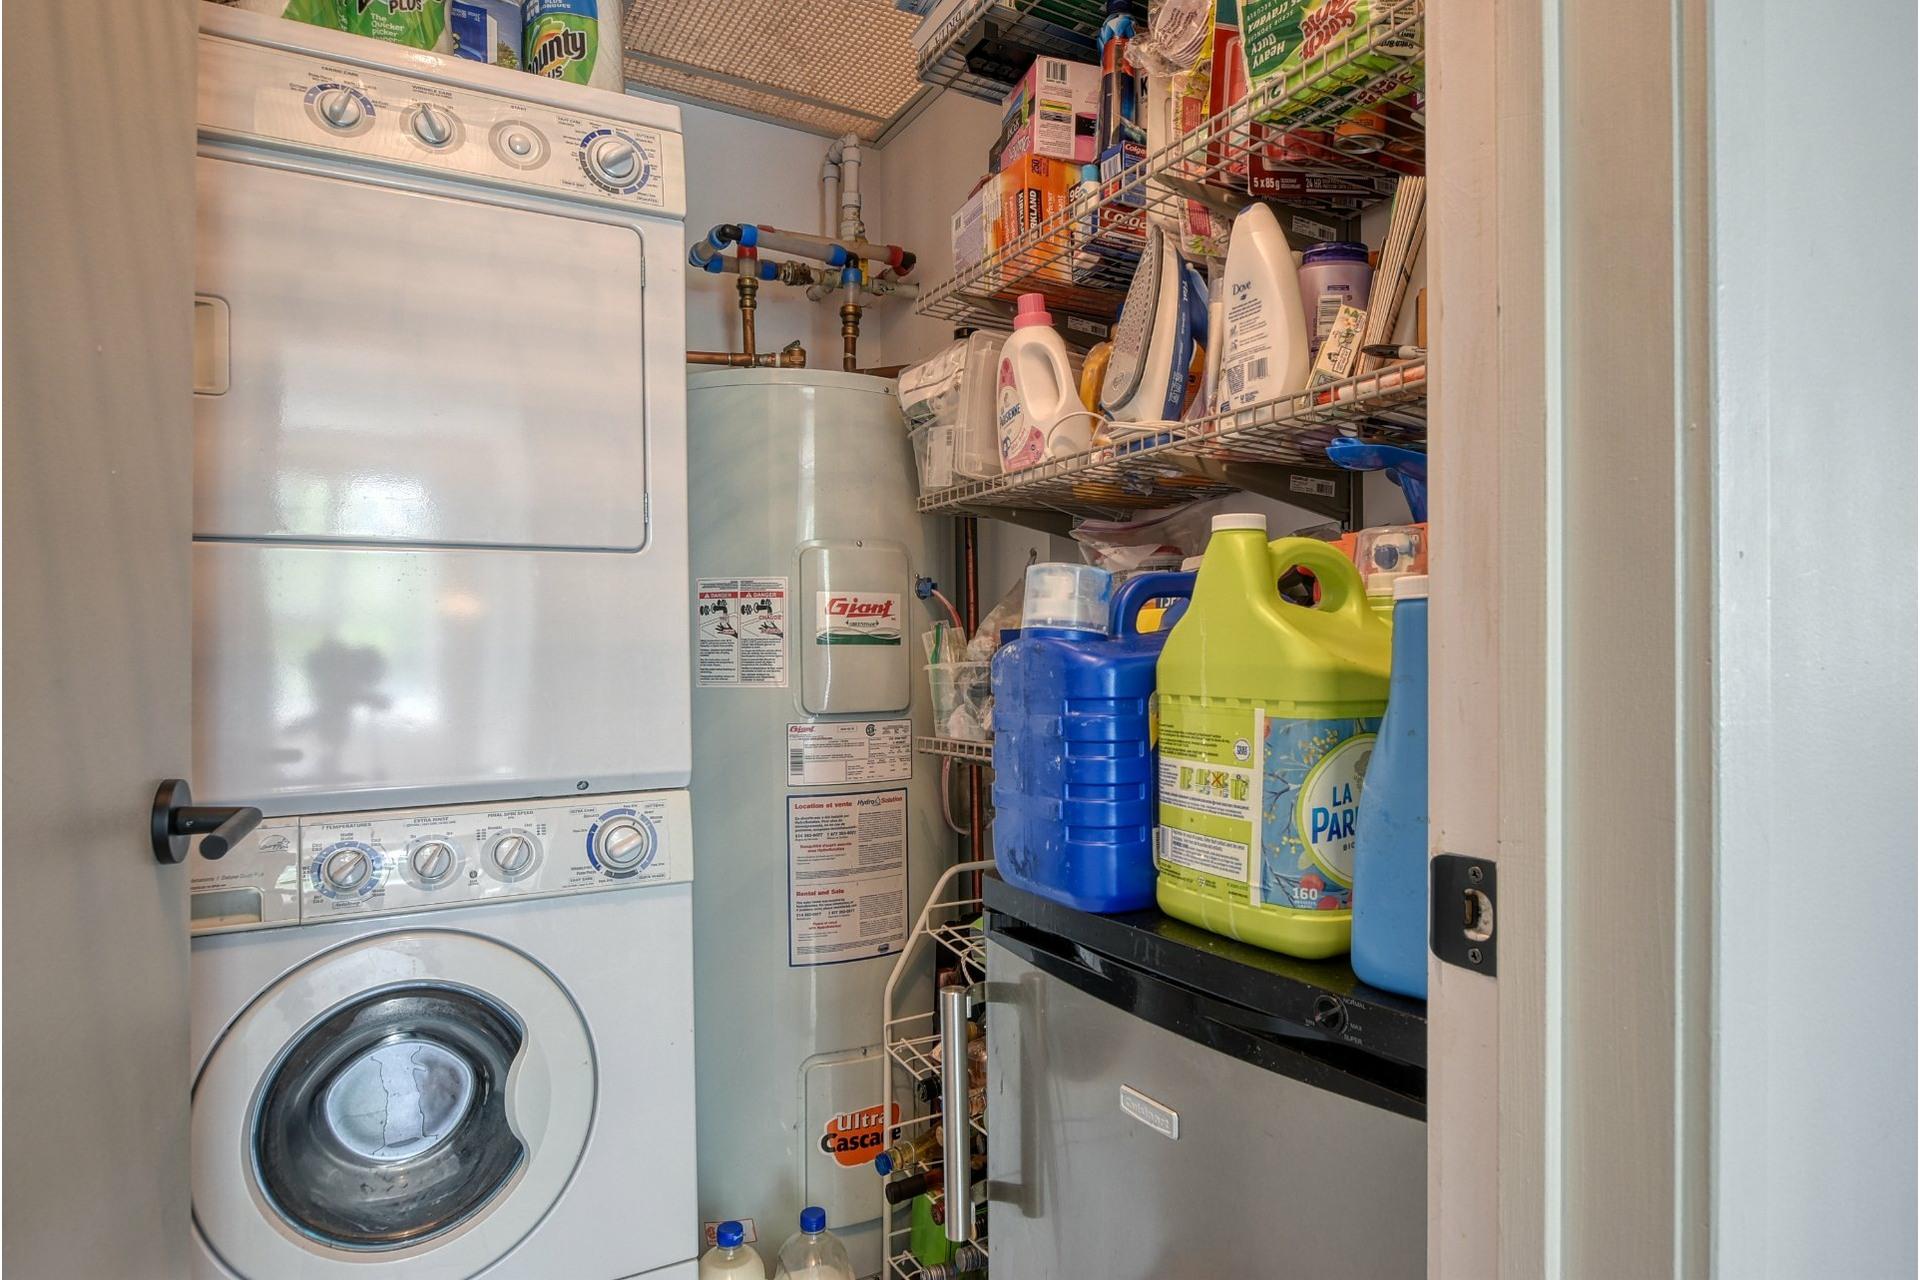 image 21 - Appartement À vendre Verdun/Île-des-Soeurs Montréal  - 4 pièces